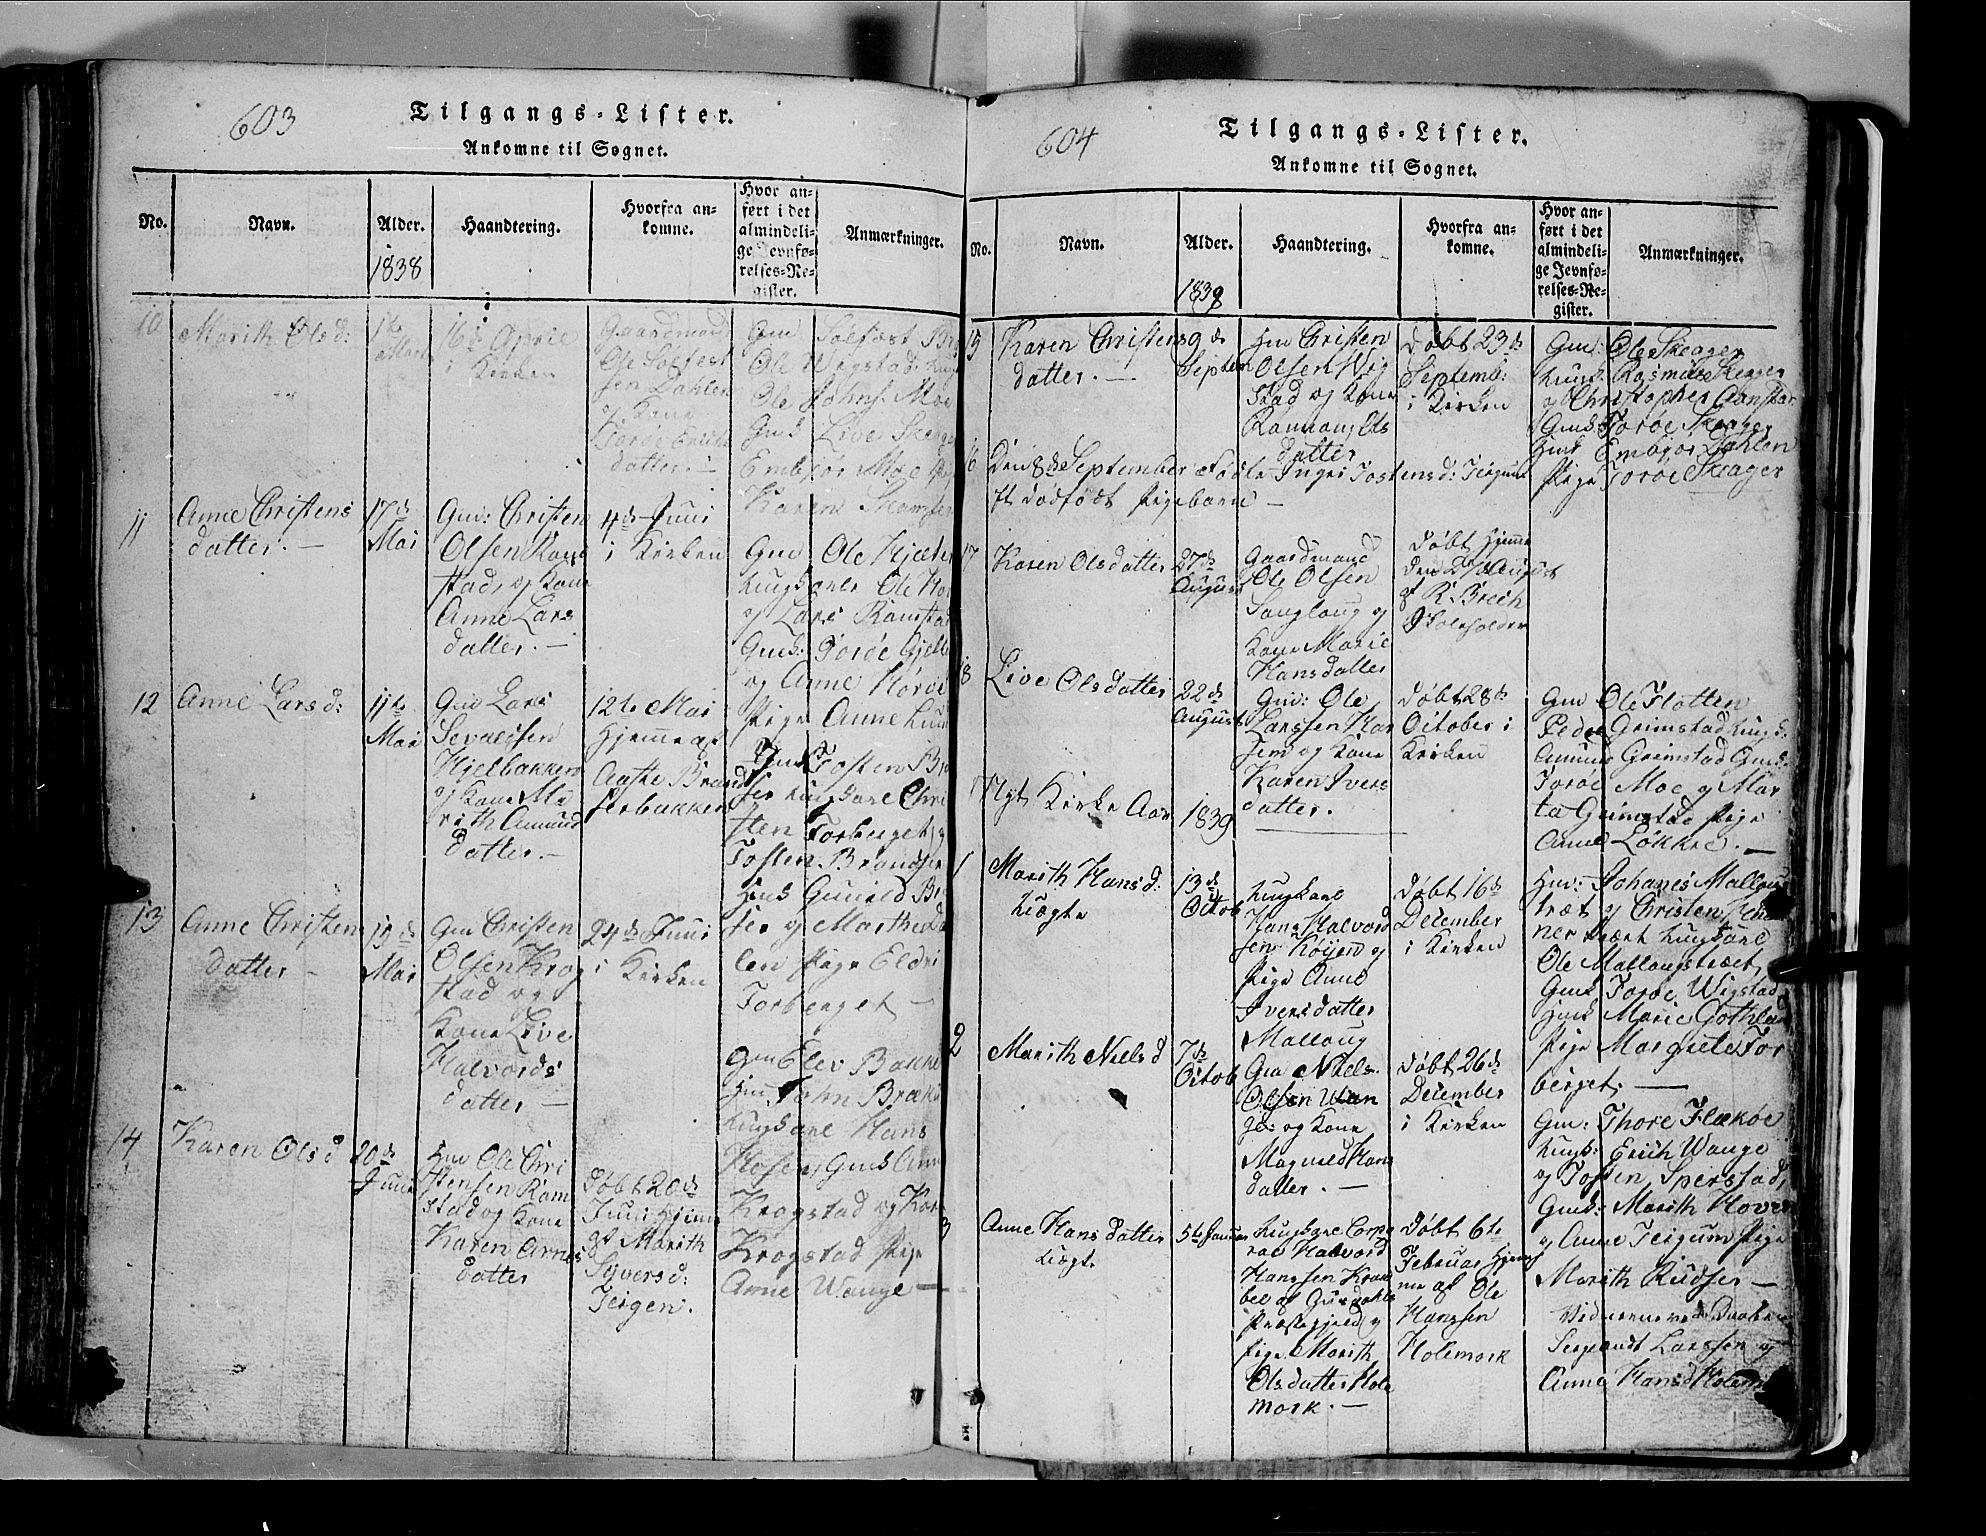 SAH, Lom prestekontor, L/L0003: Klokkerbok nr. 3, 1815-1844, s. 603-604